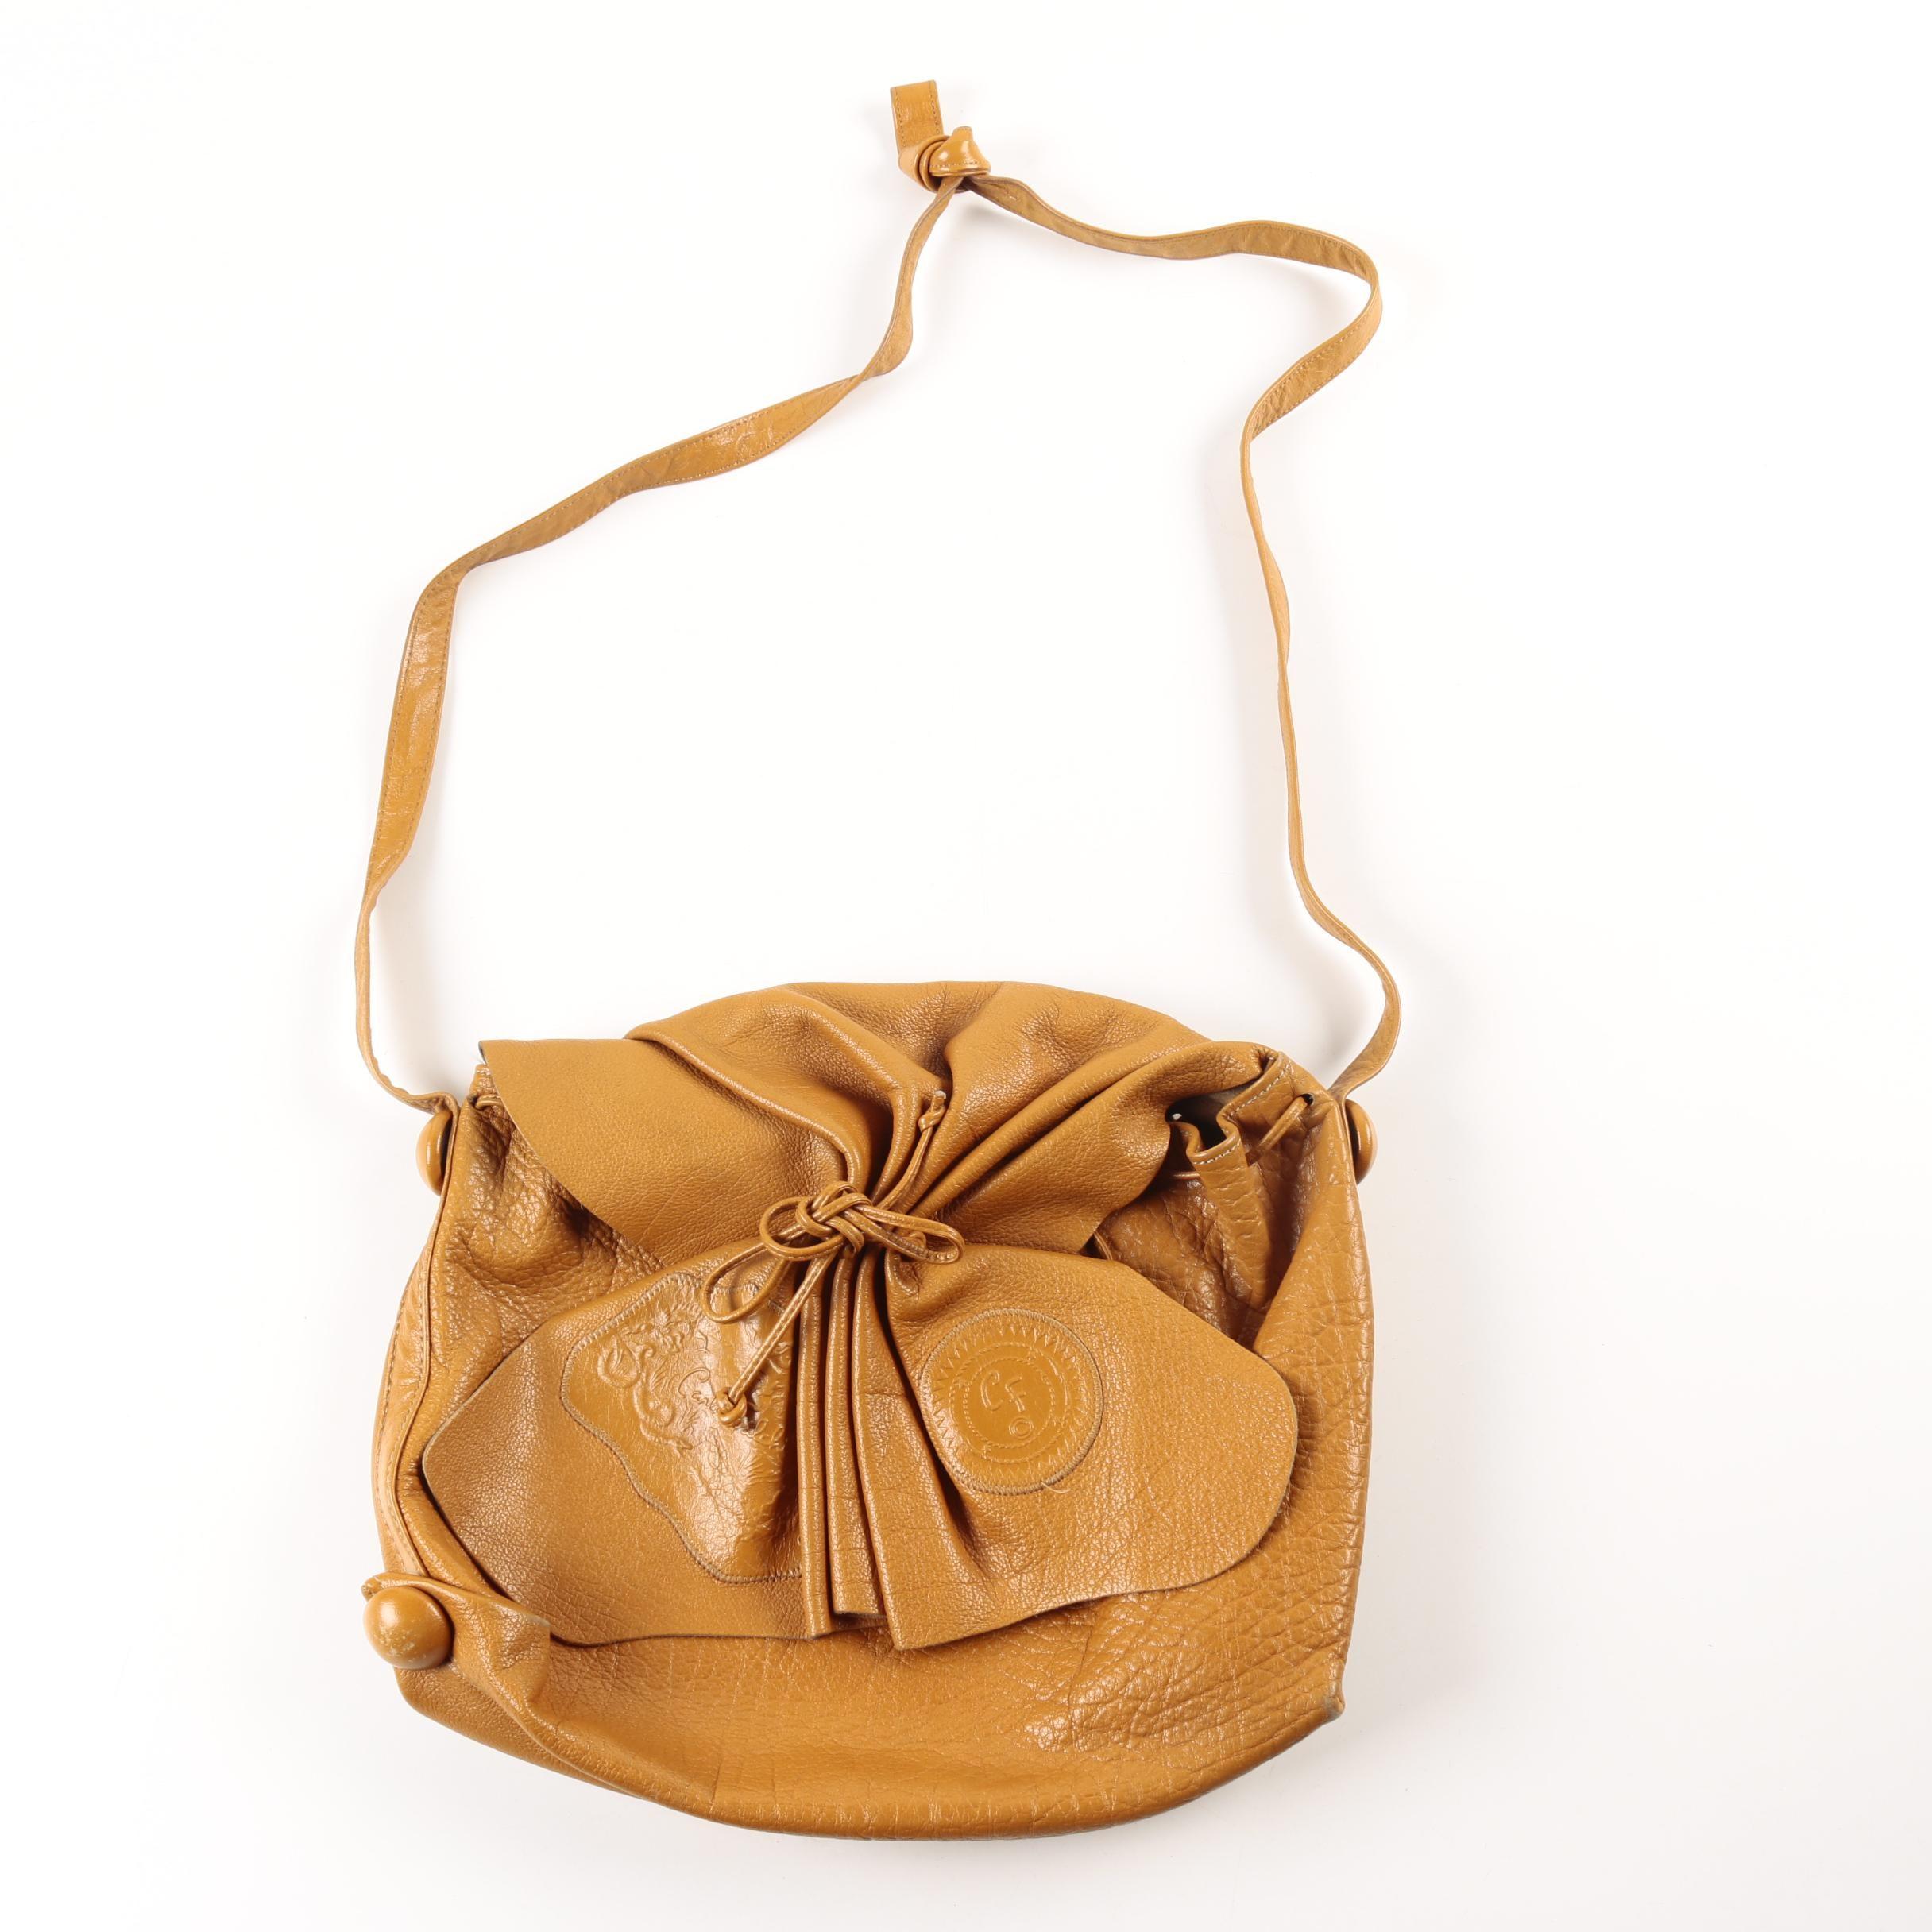 Carlos Falchi Cognac Brown Leather Handbag